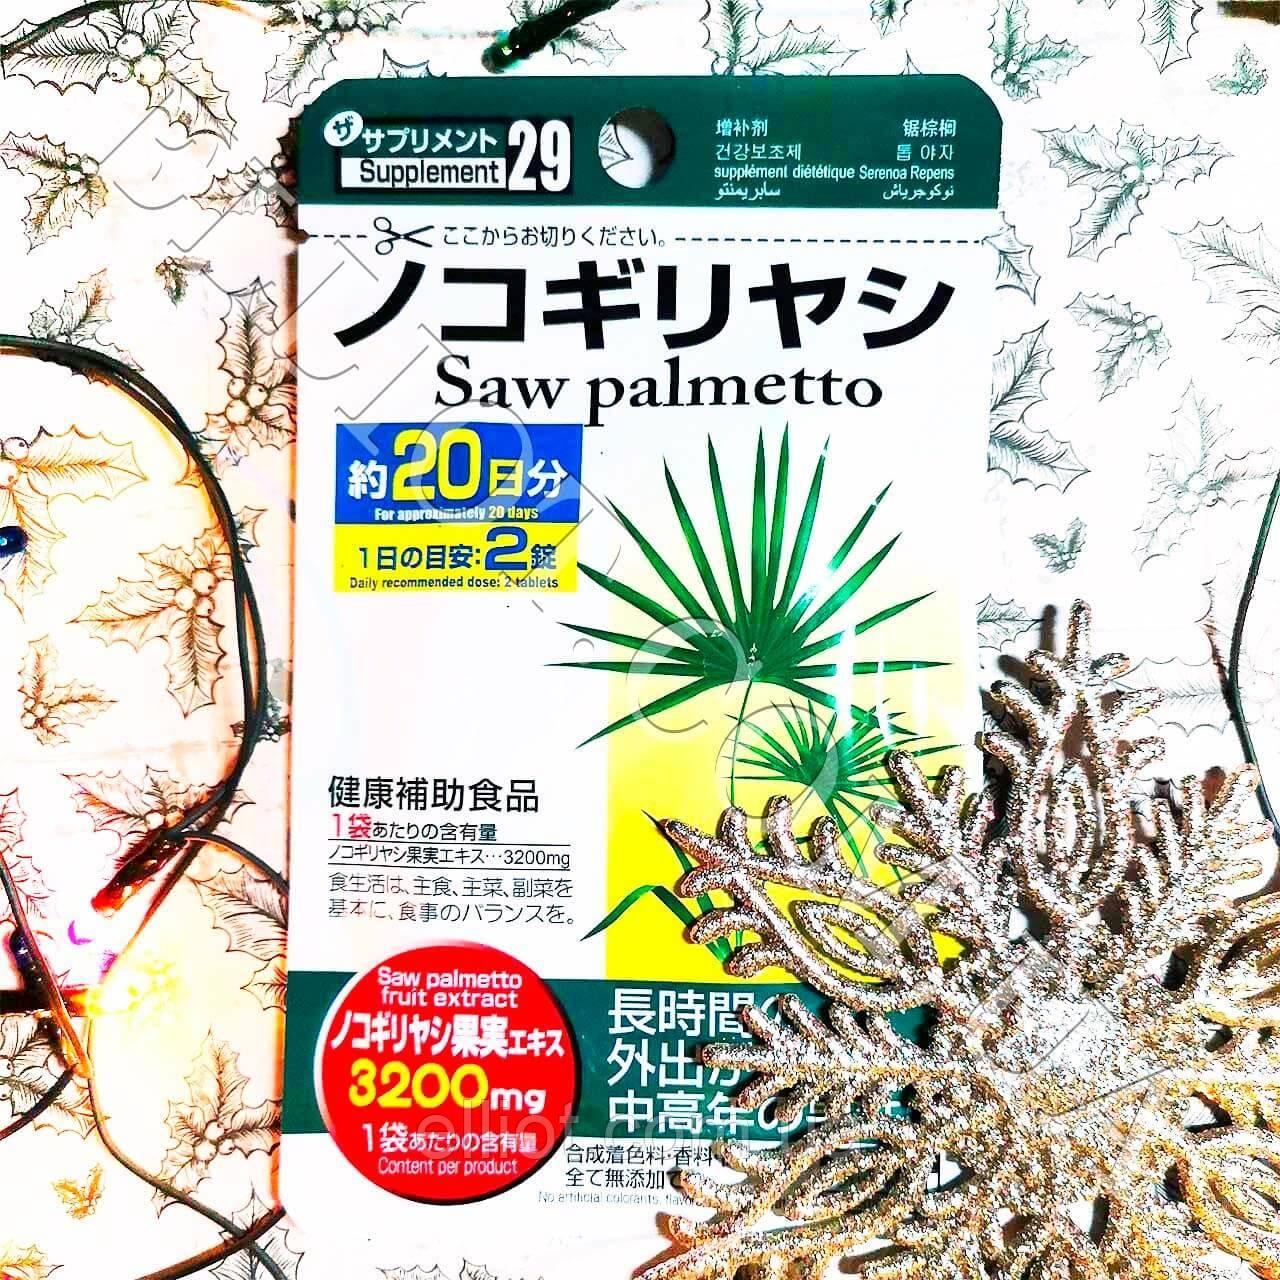 Екстракт Пальметто Saw palmetto ВІТАМІНИ DaIso Японія